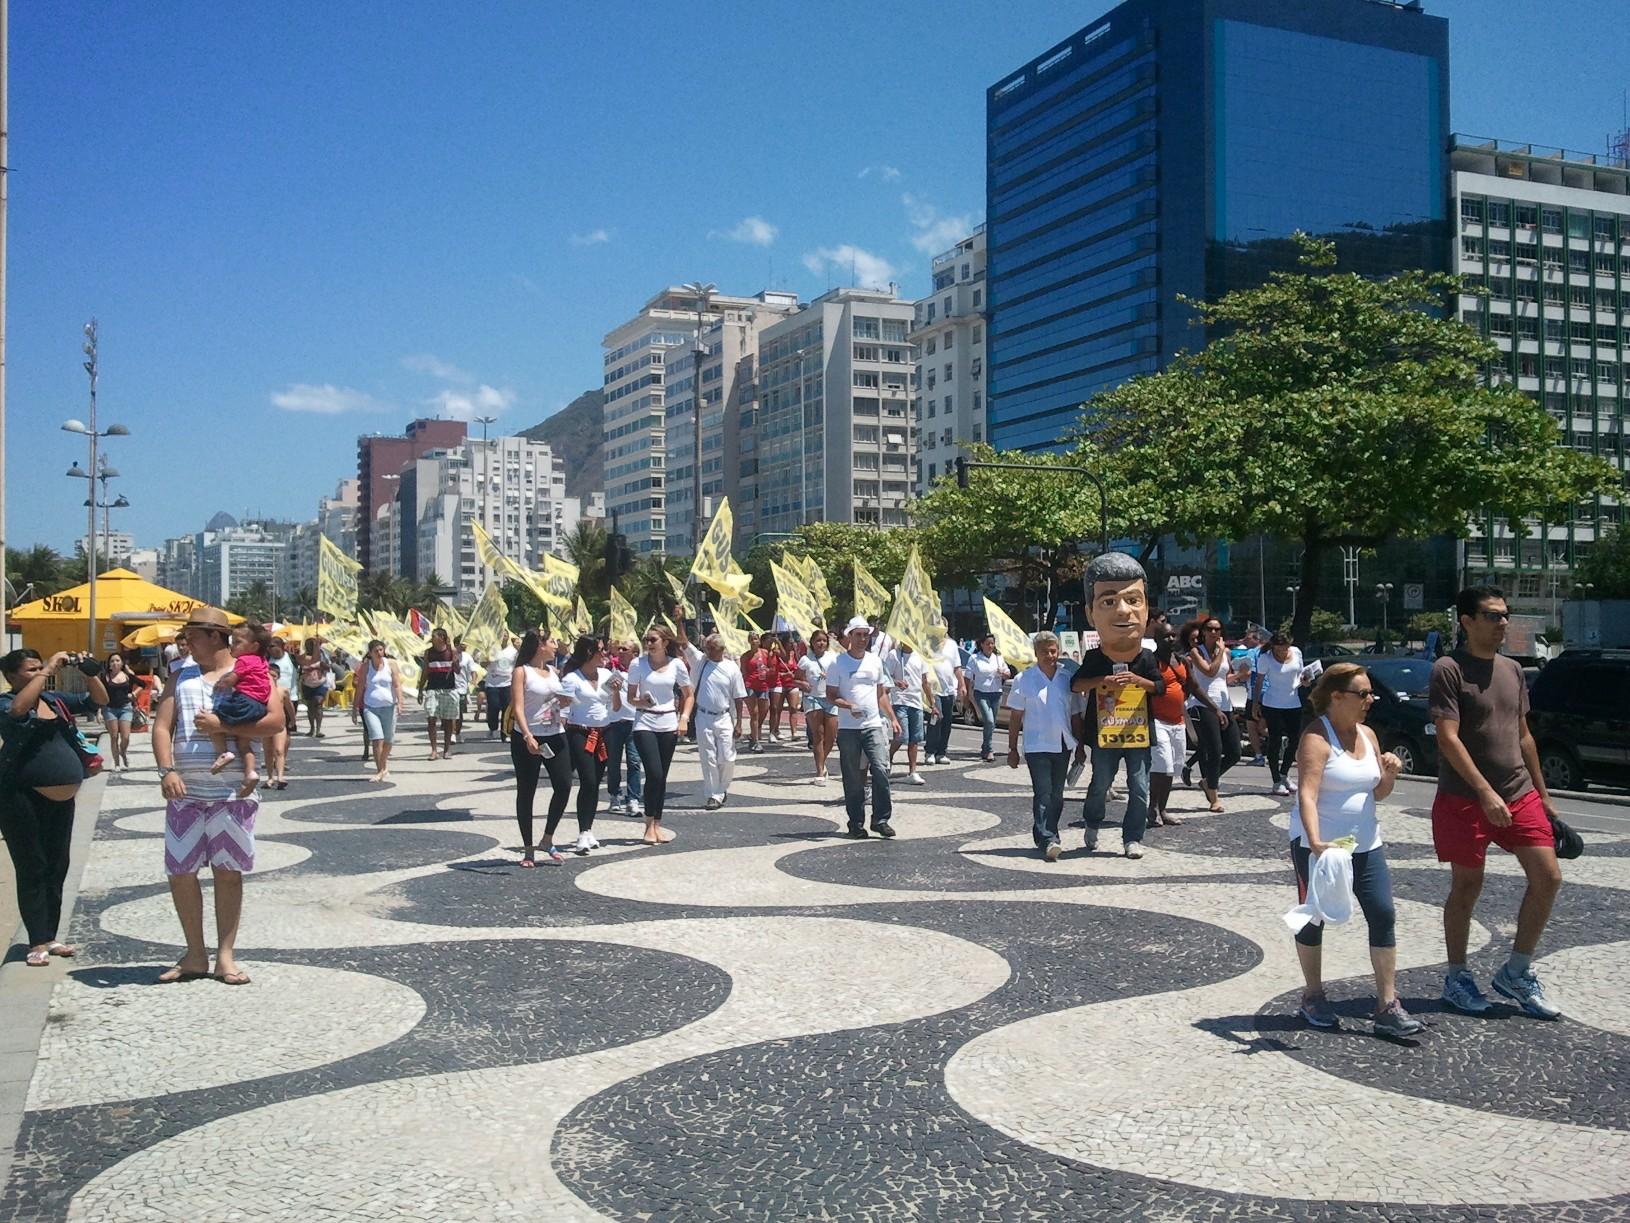 Un dimanche à Copacabana